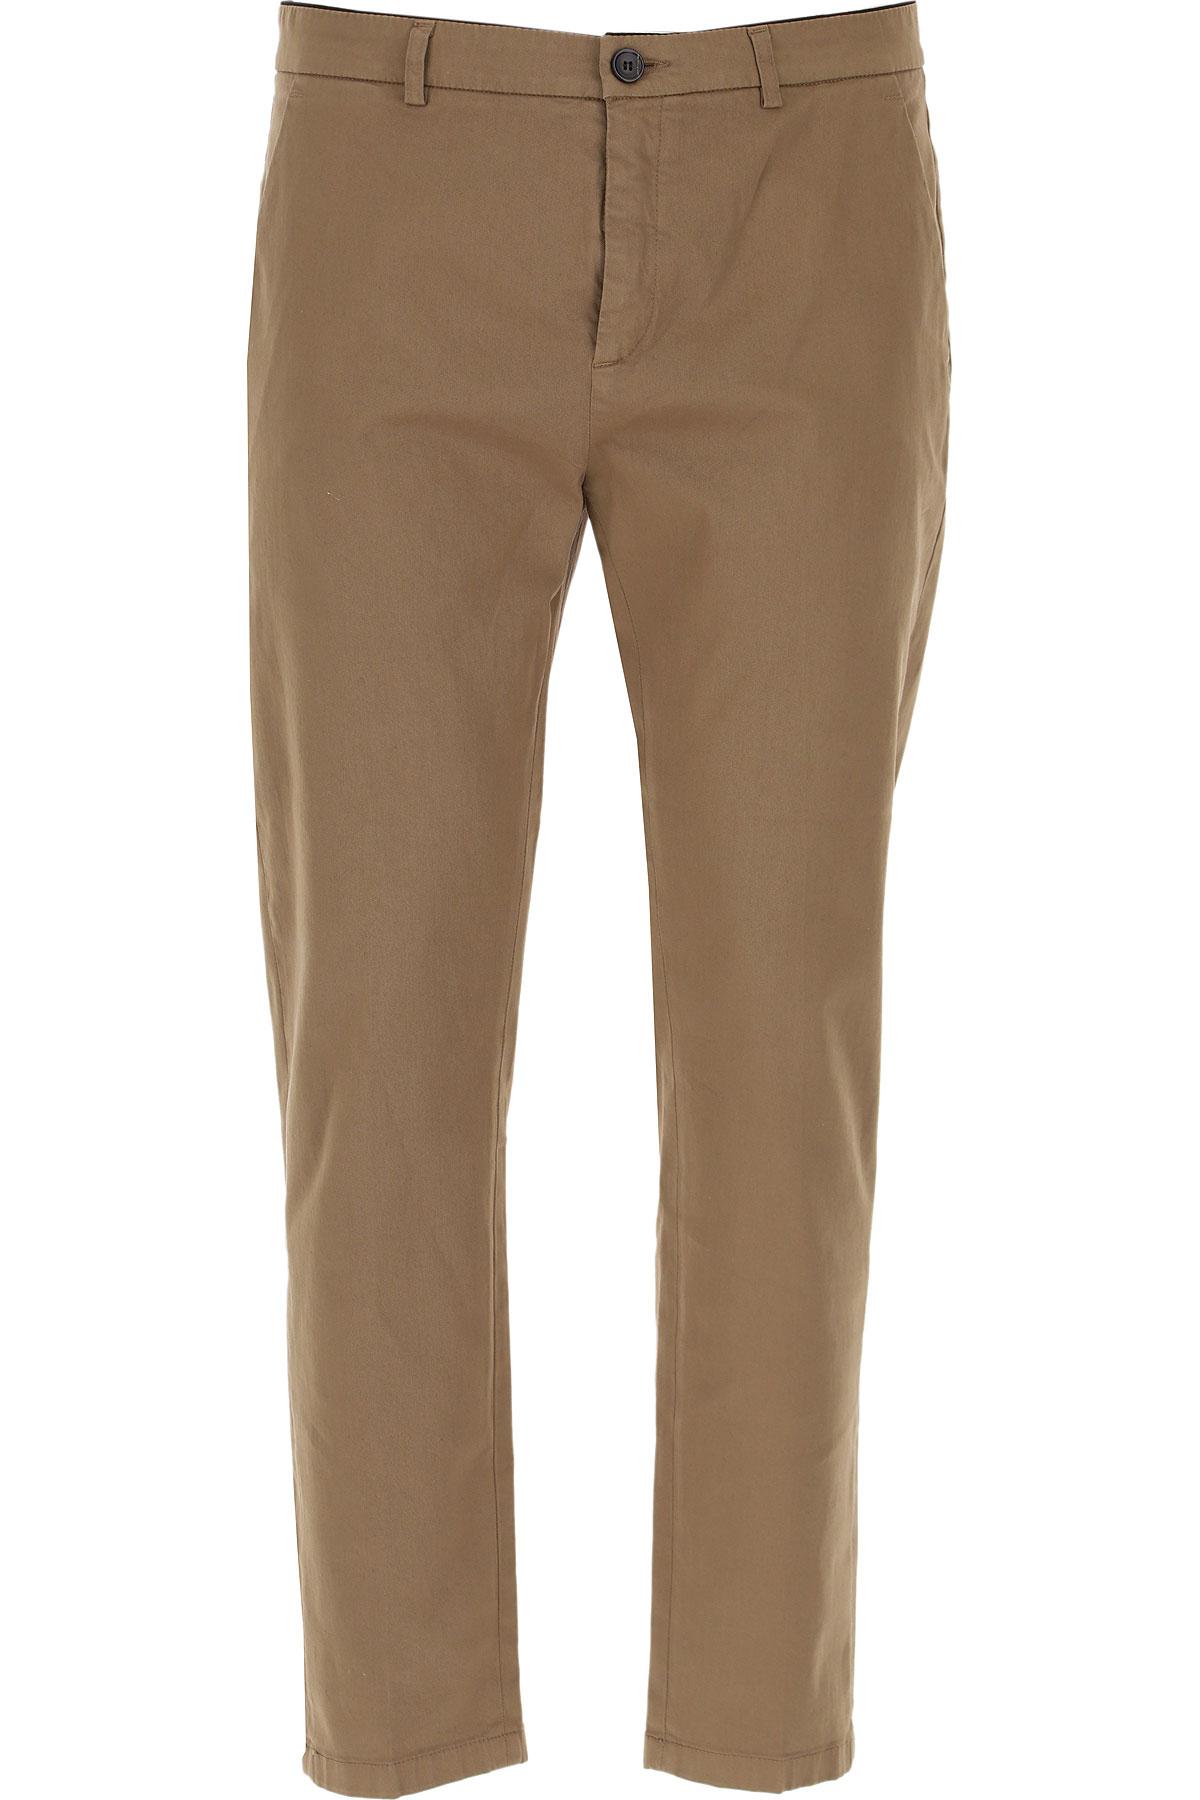 Department Five Pants for Men On Sale, nut, Cotton, 2019, 30 31 32 33 34 35 36